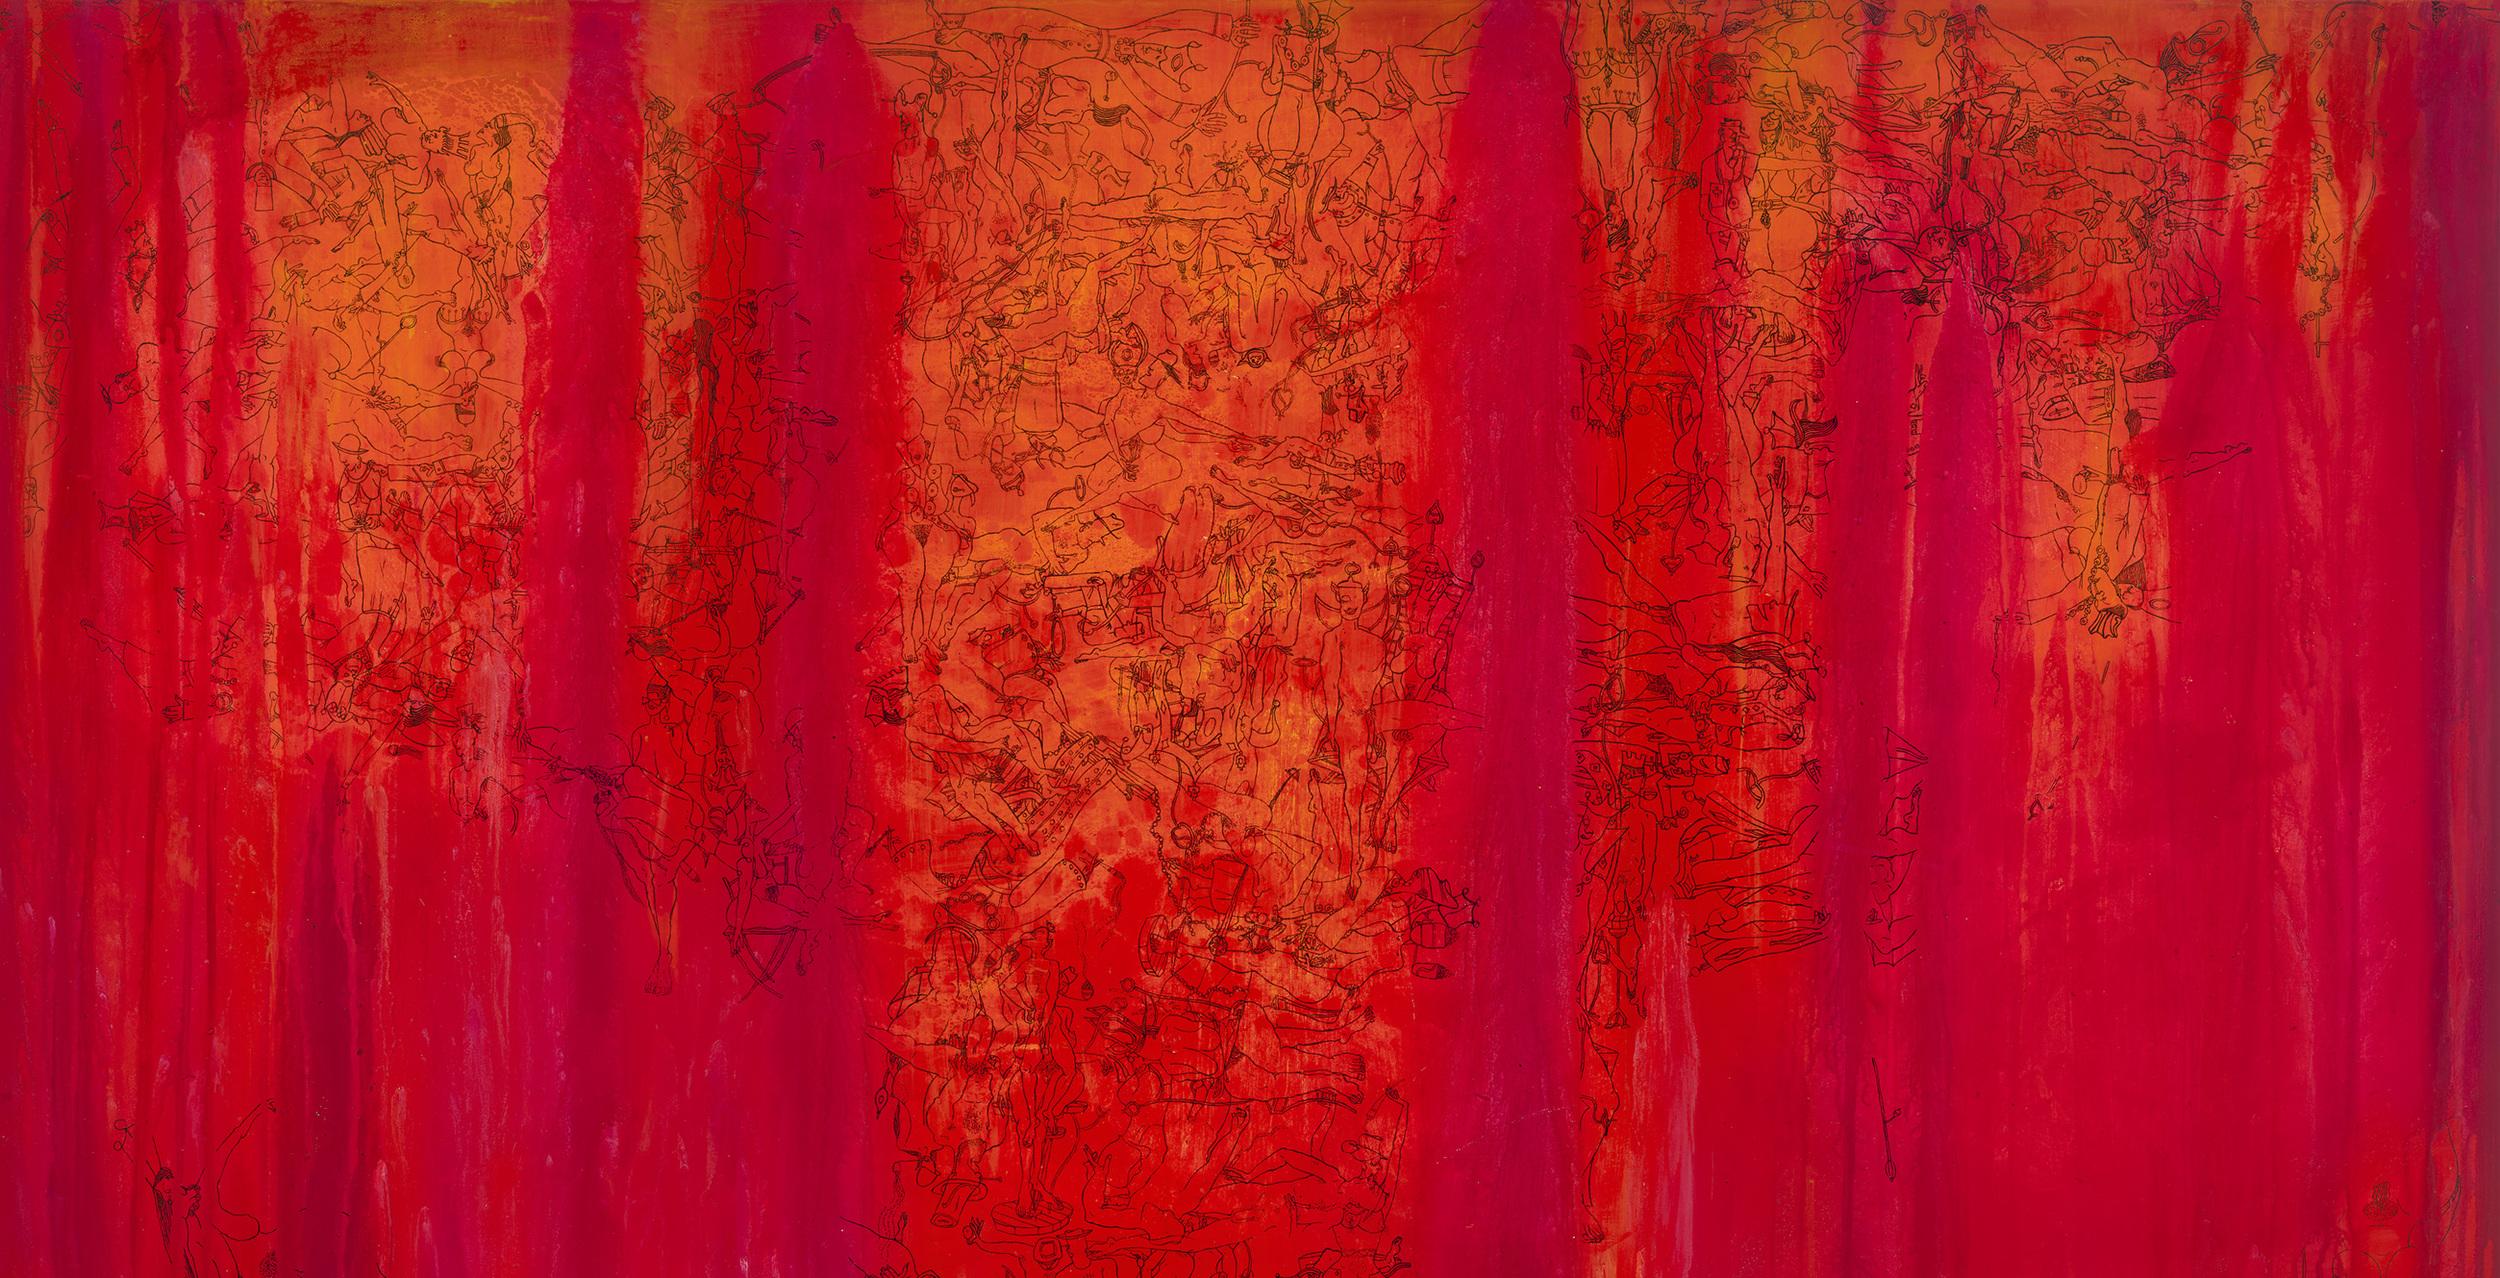 Red Rain_p3.jpg